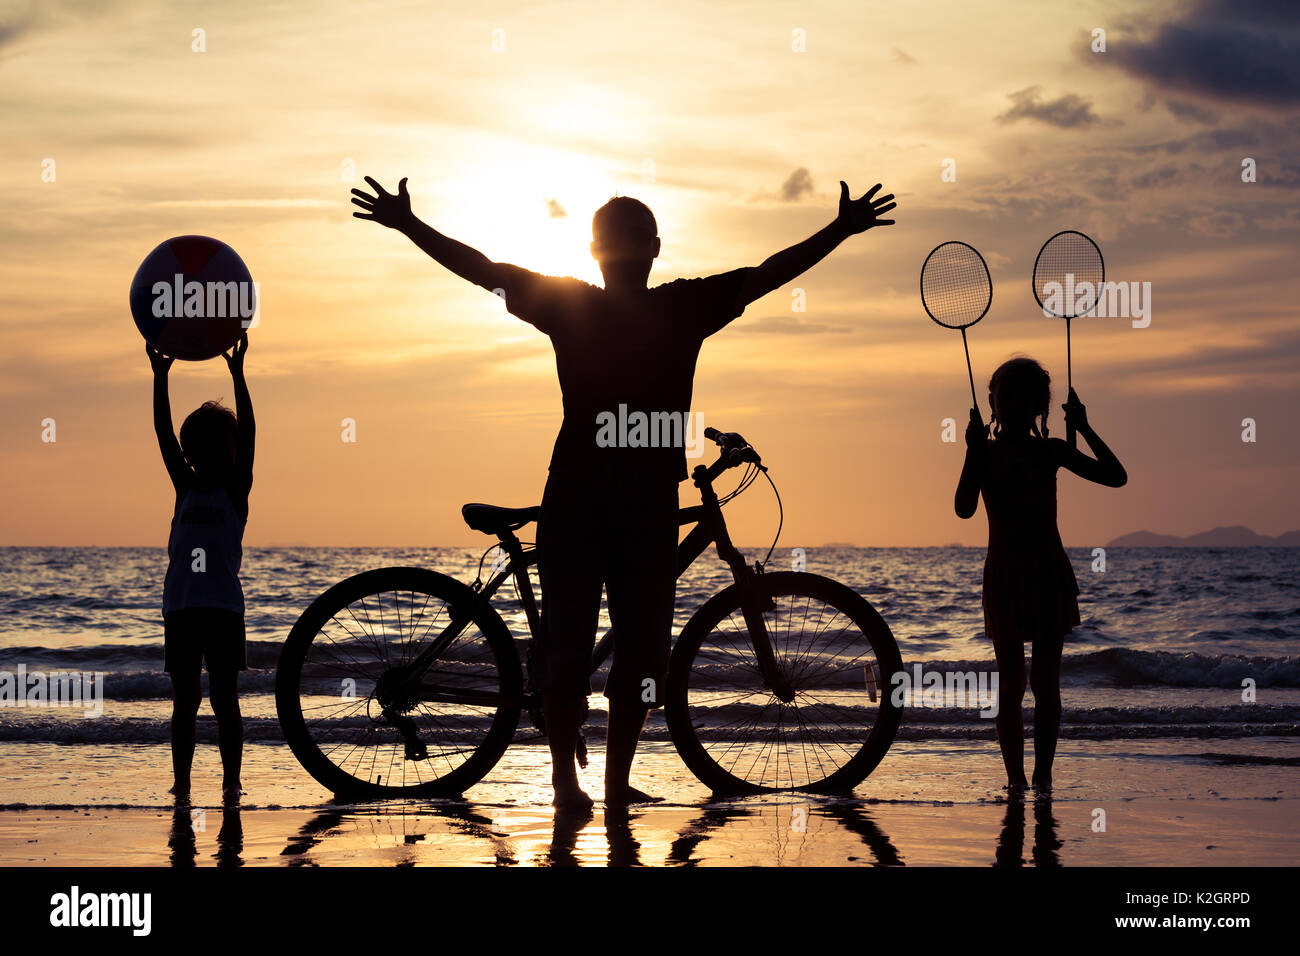 Padre e figli giocando sulla spiaggia al tramonto. Concetto di felice famiglia amichevole. Foto Stock